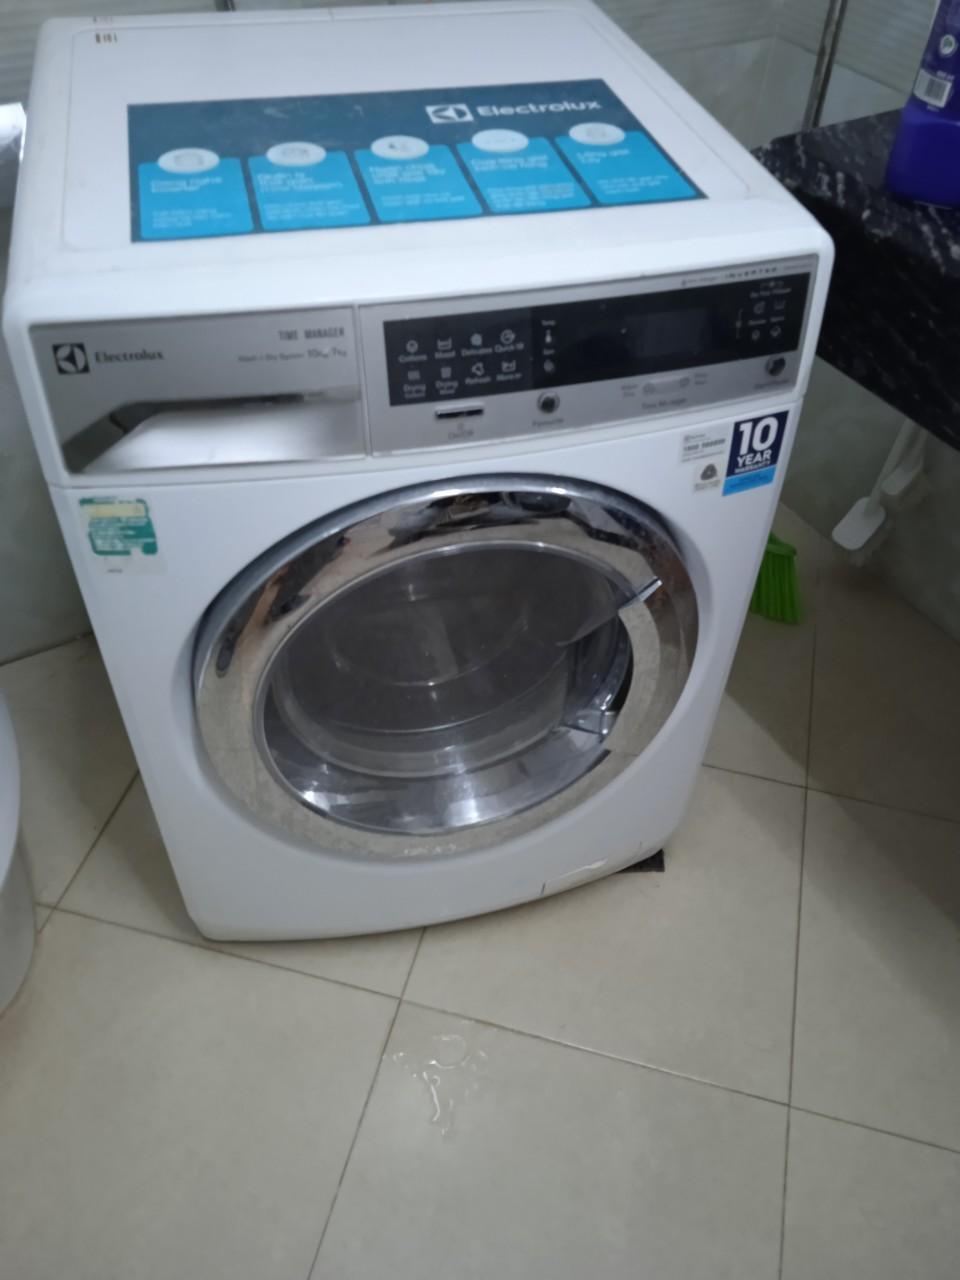 mua máy giặt electrolux cũ hỏng giá cao